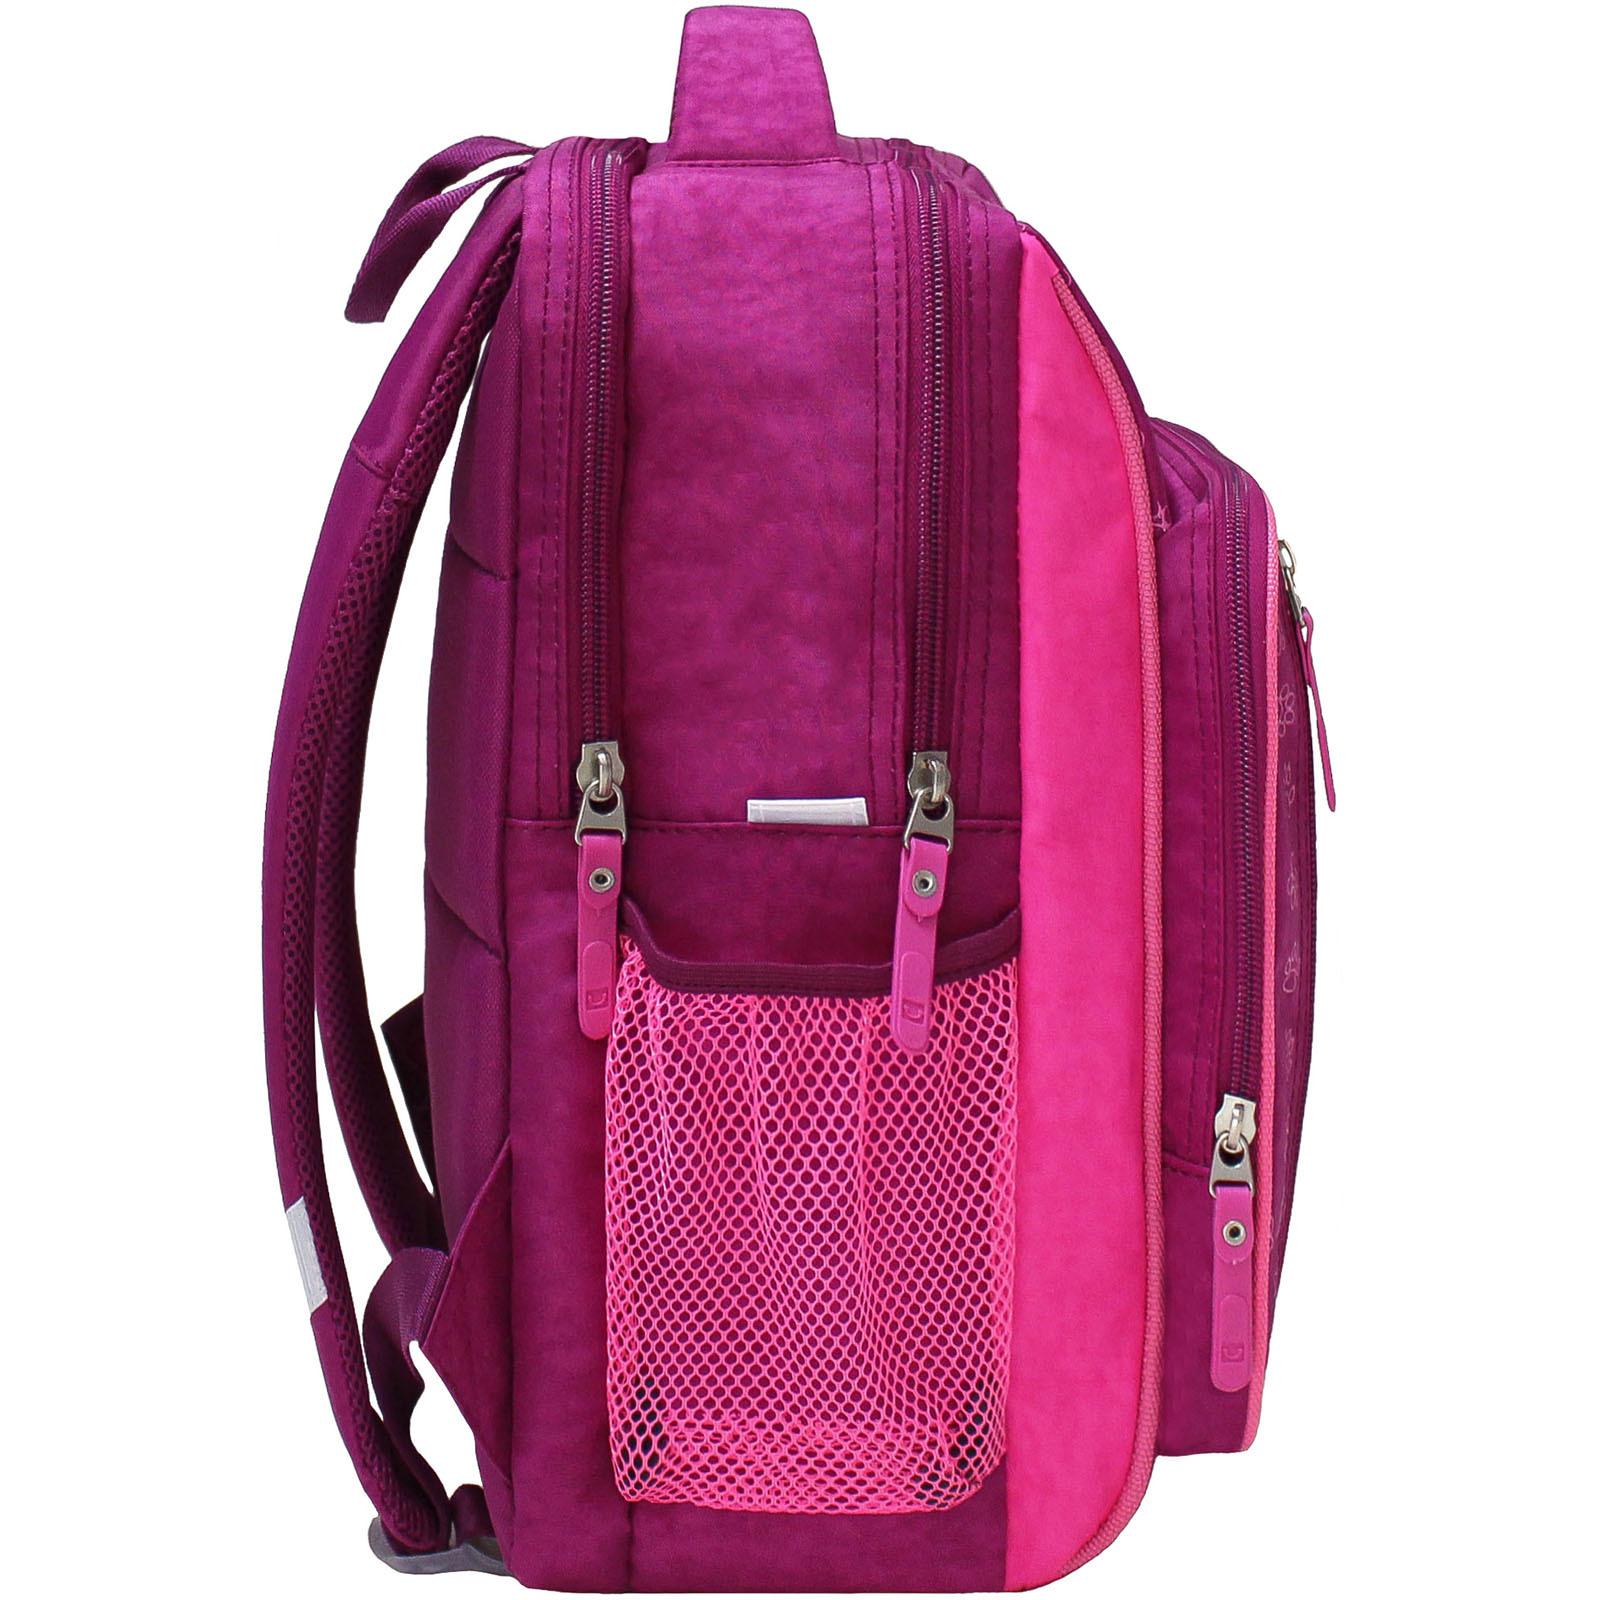 Рюкзак школьный Bagland Школьник 8 л. 143 малиновый 59д (0012870)